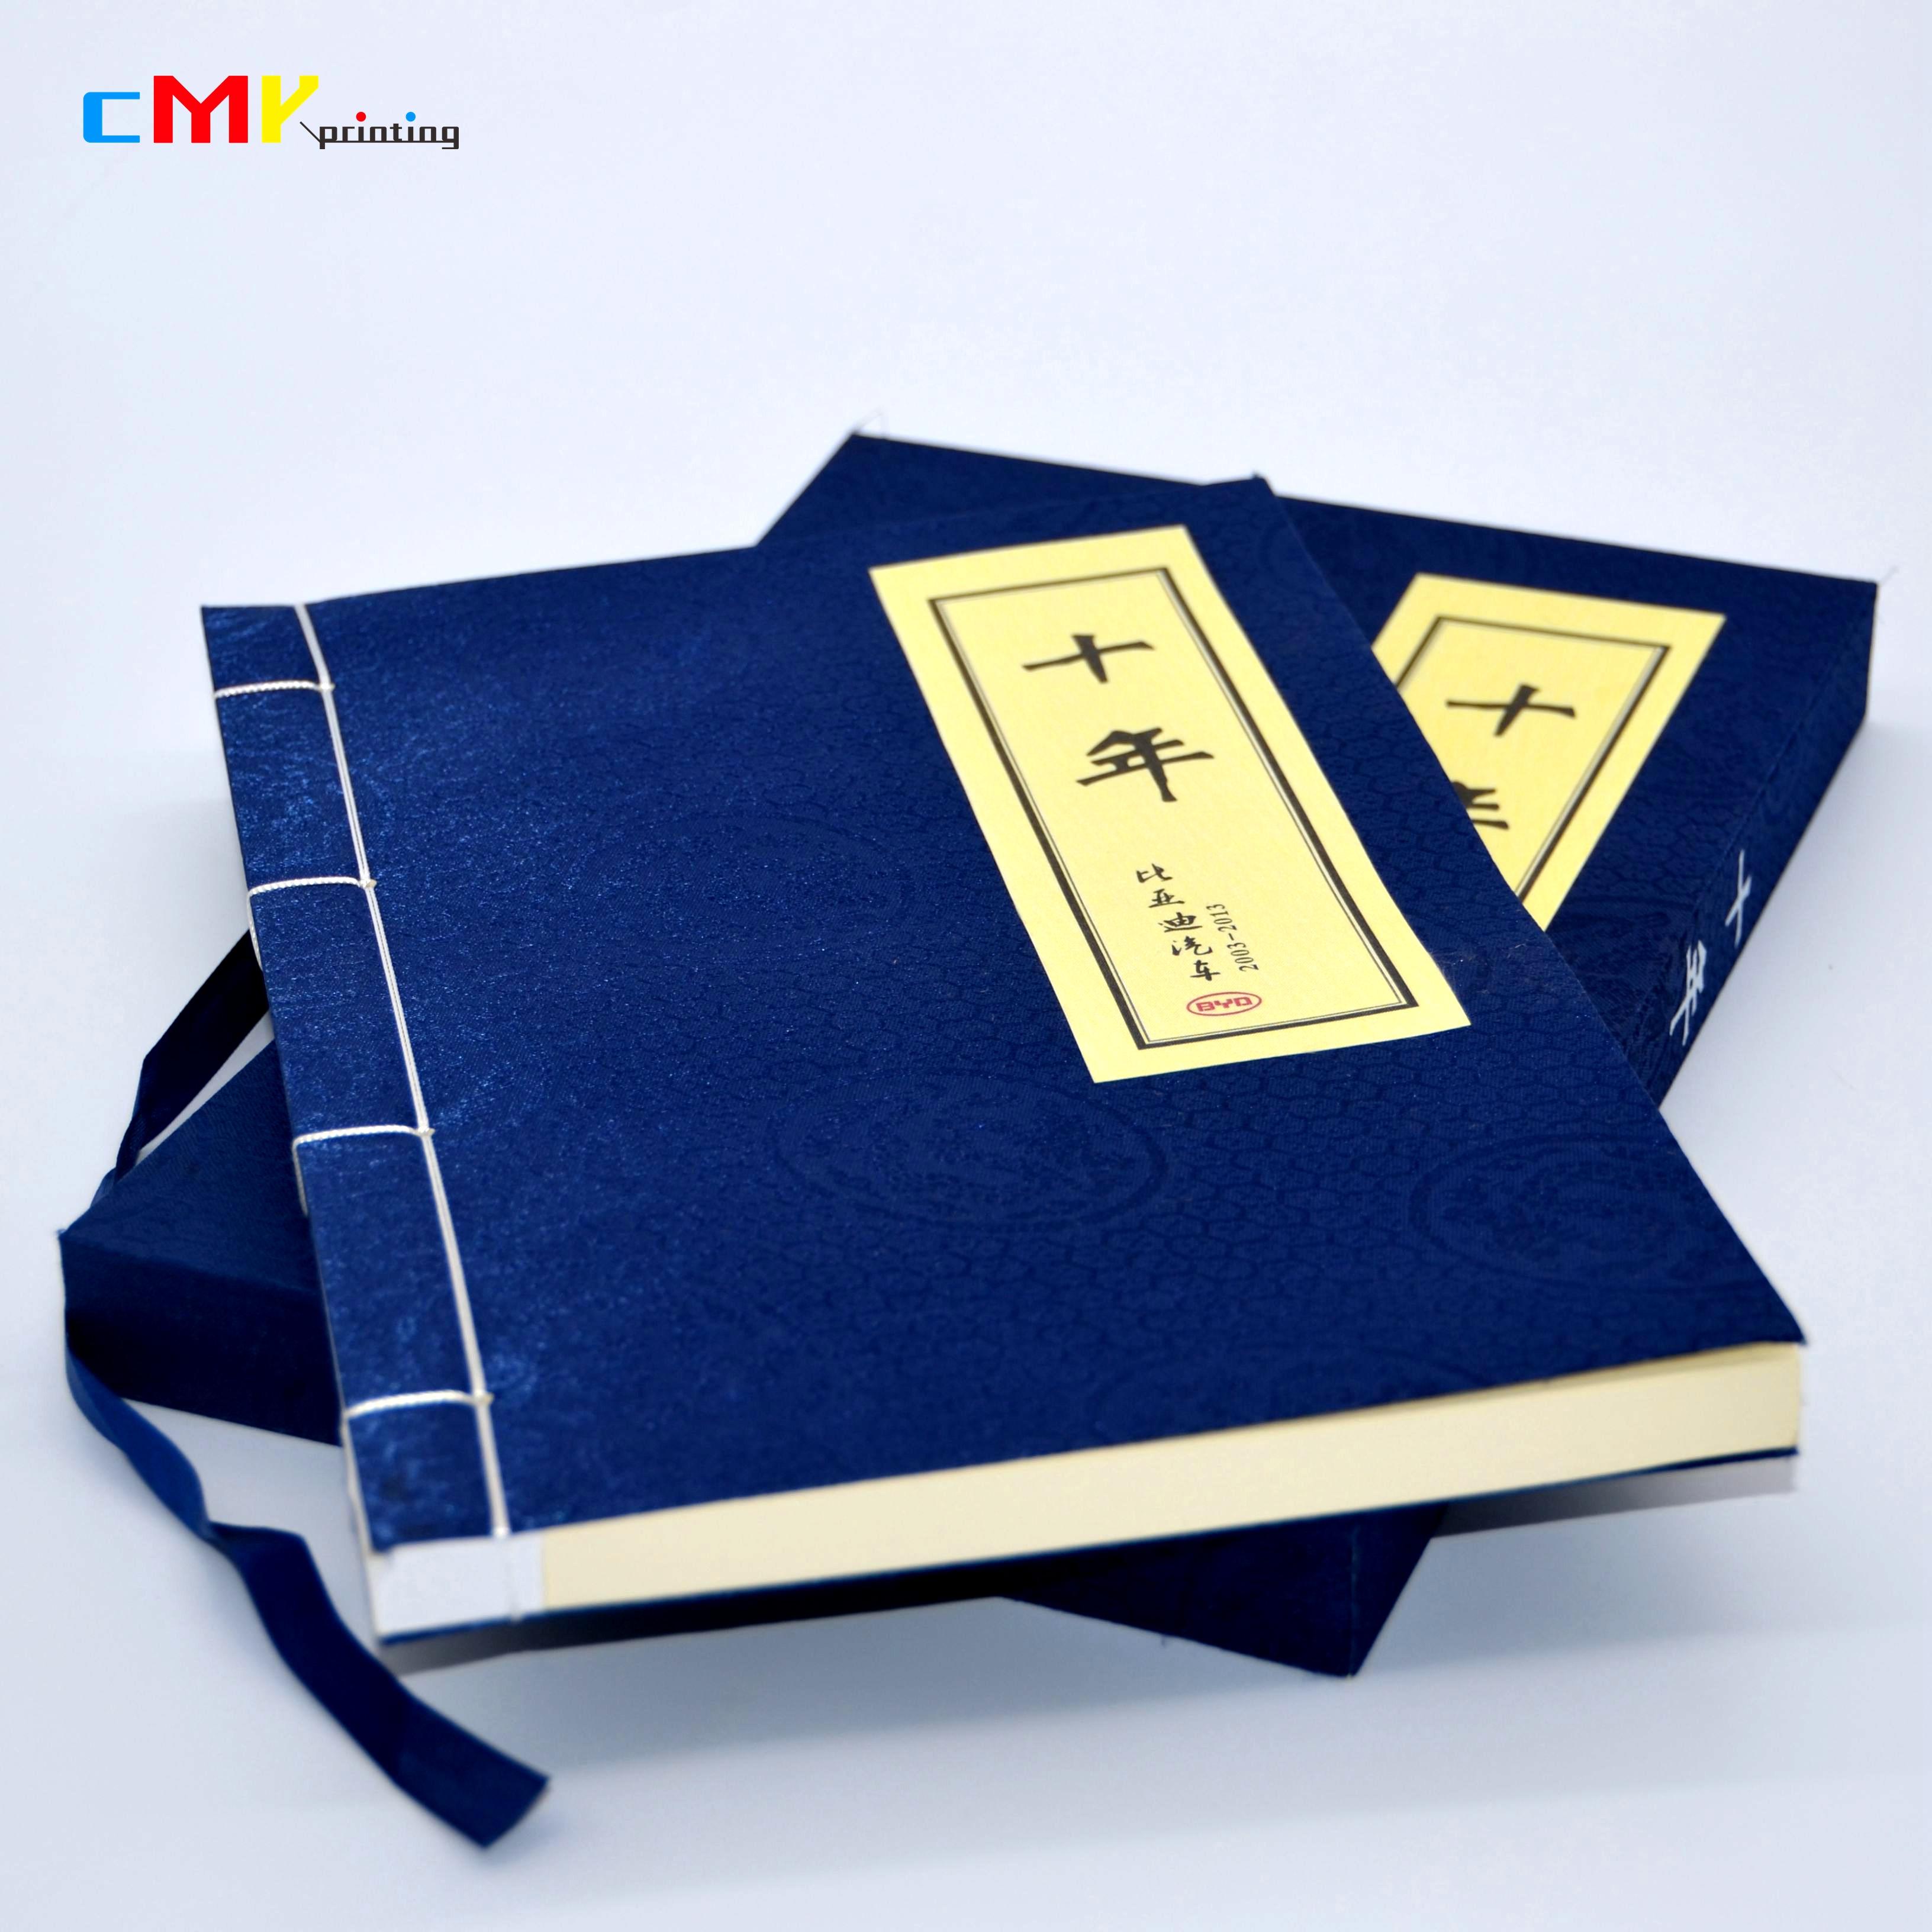 《十年》-比亚迪汽车棉布古线书套装